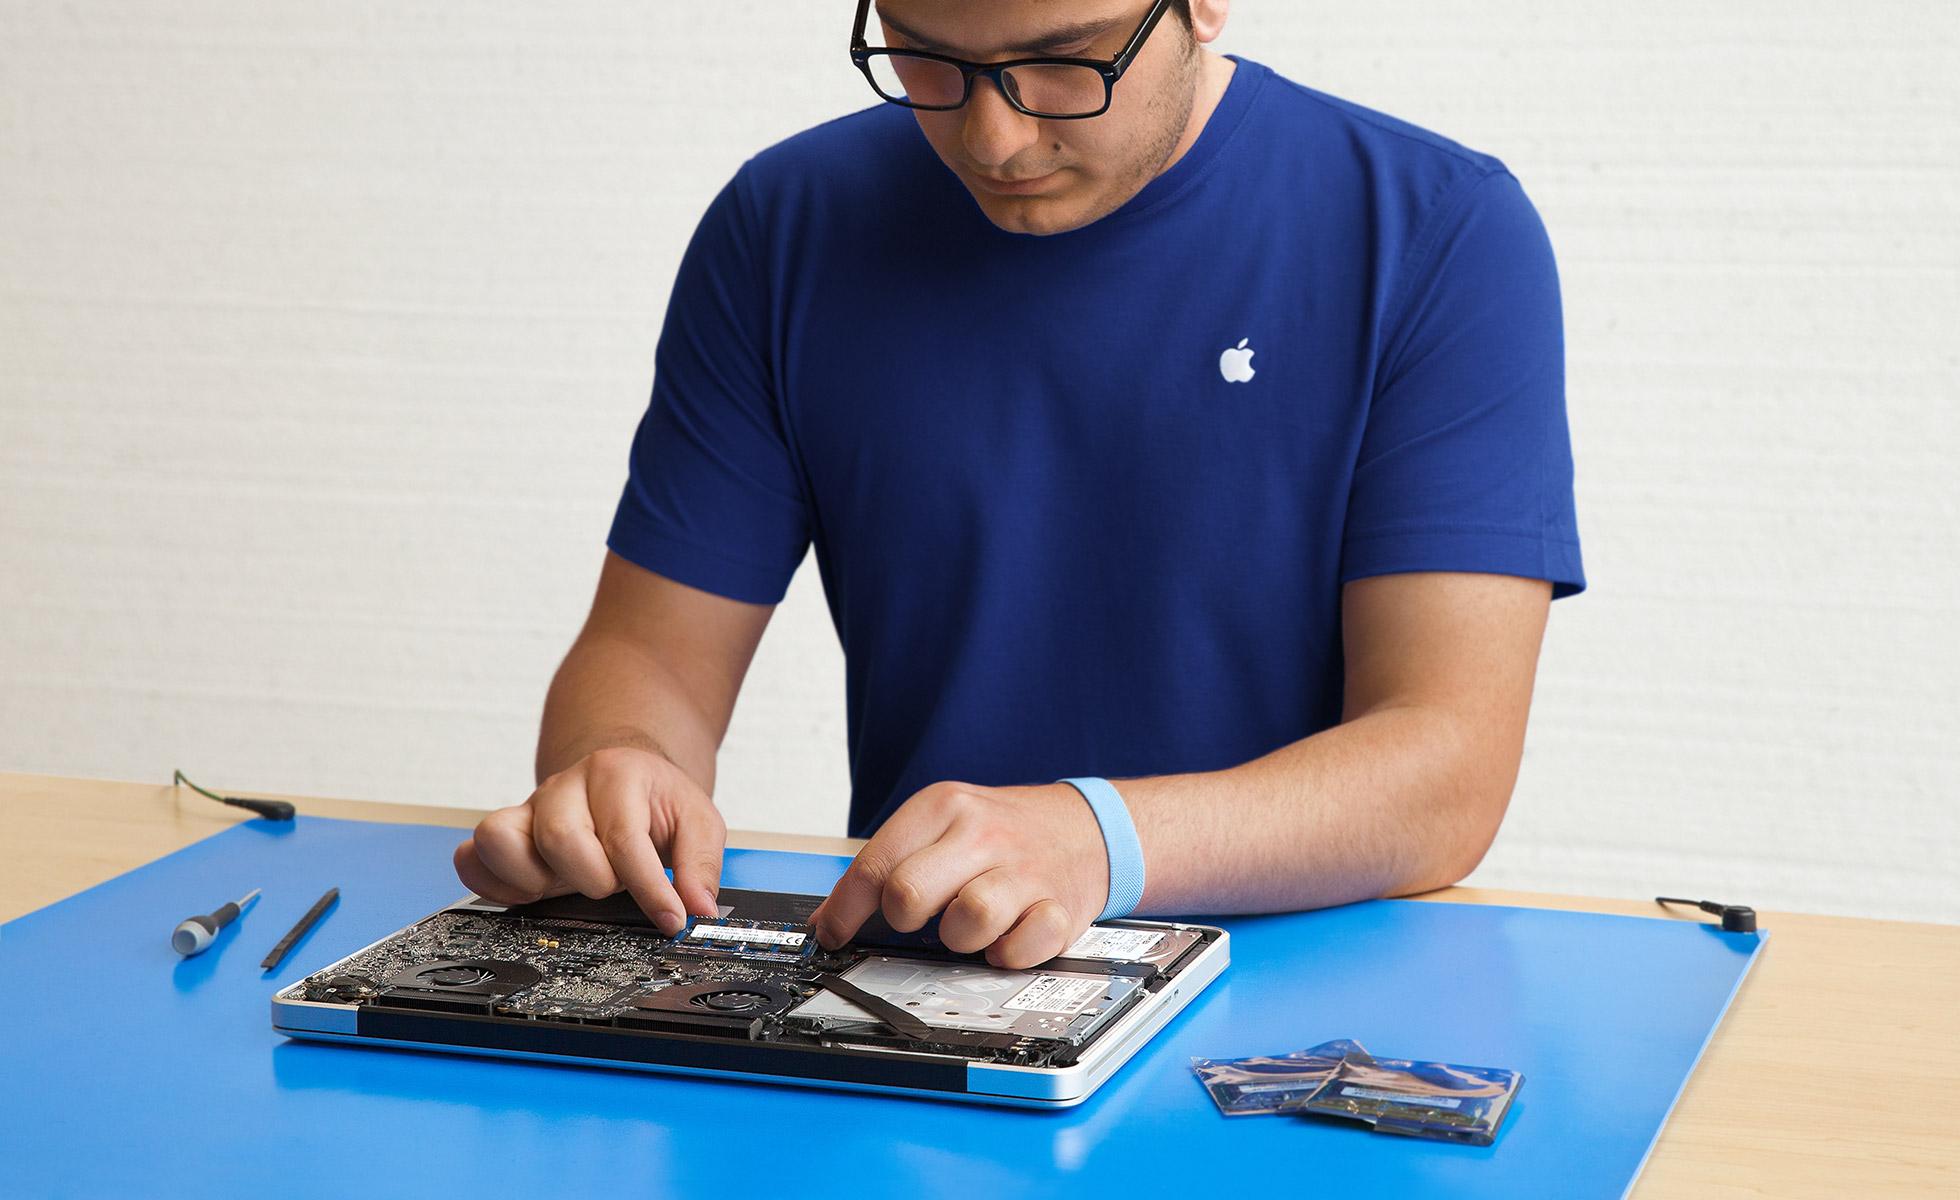 Réparer votre iPhone